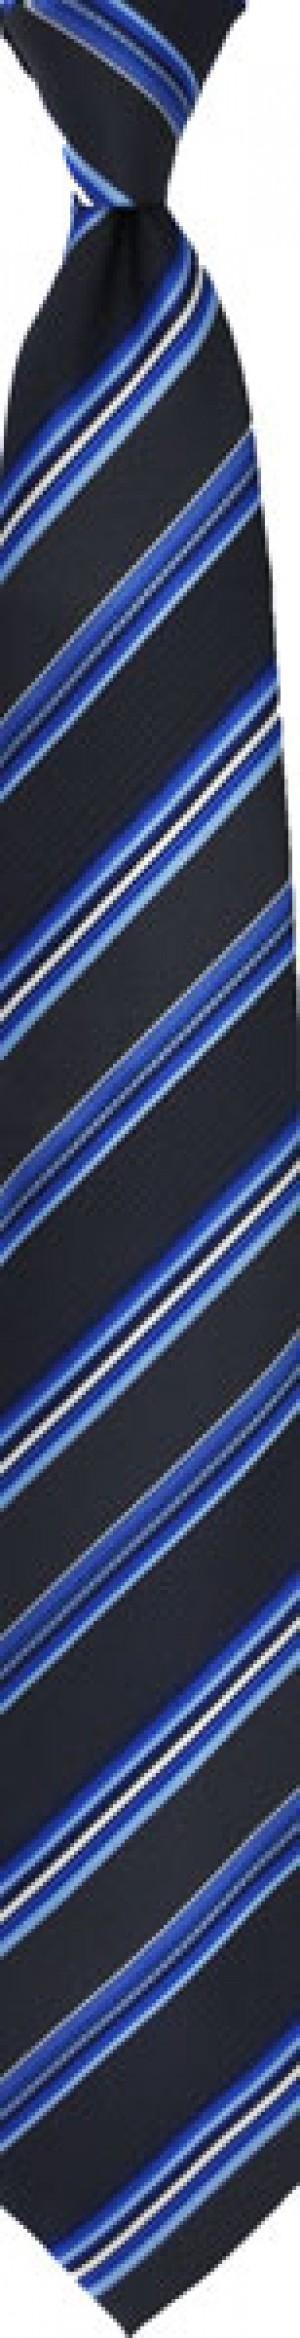 TIE - Navy Stripe